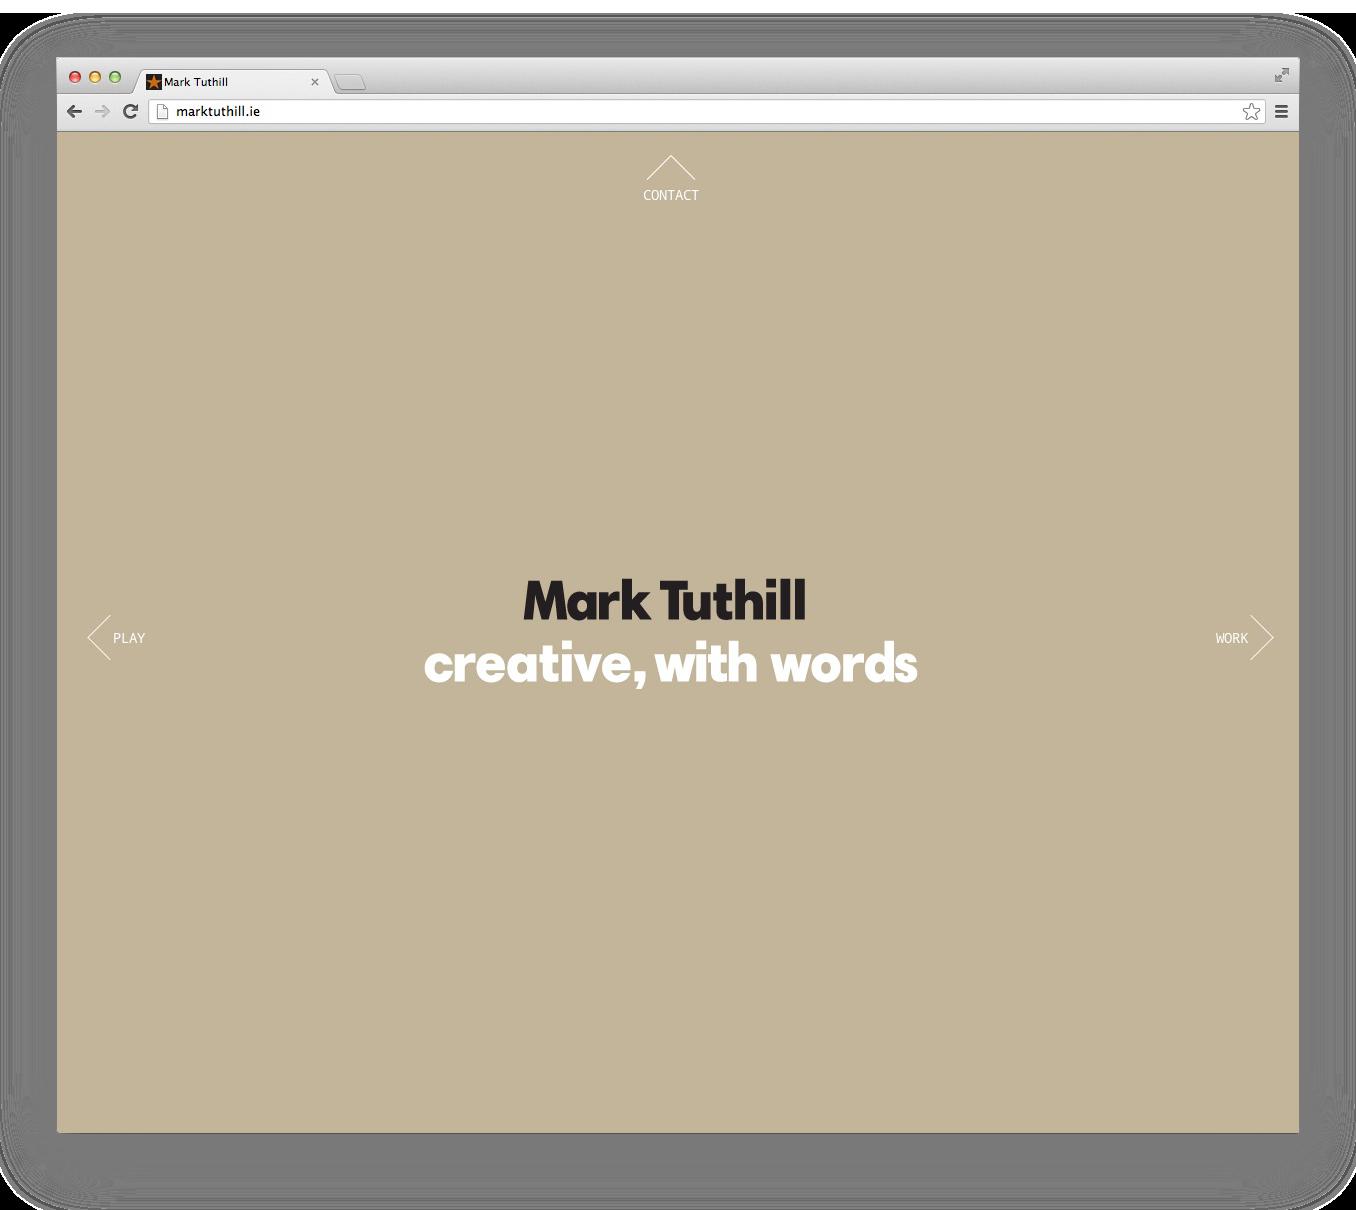 Cover image: Mark Tuthill Website